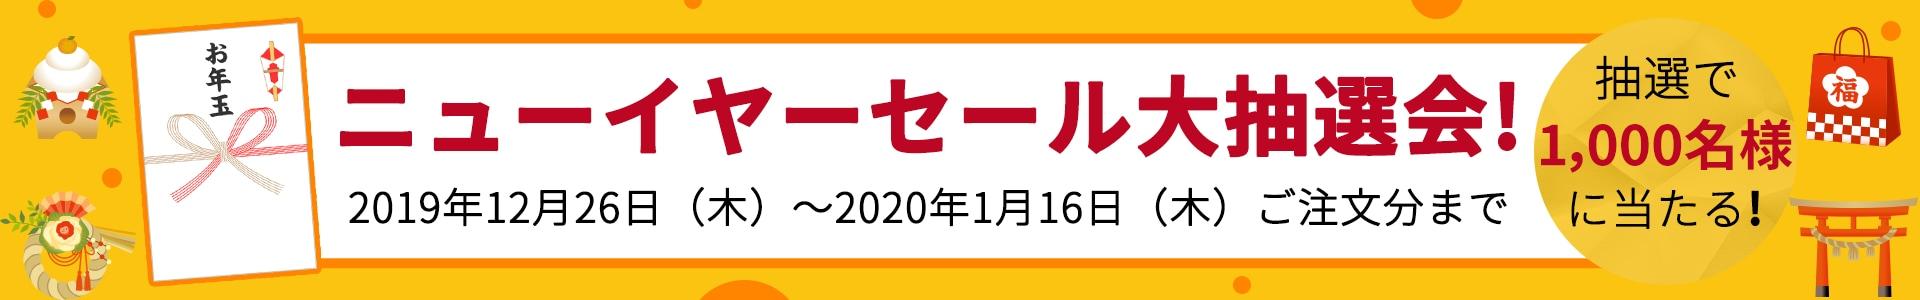 2019-newyear-sale-banner